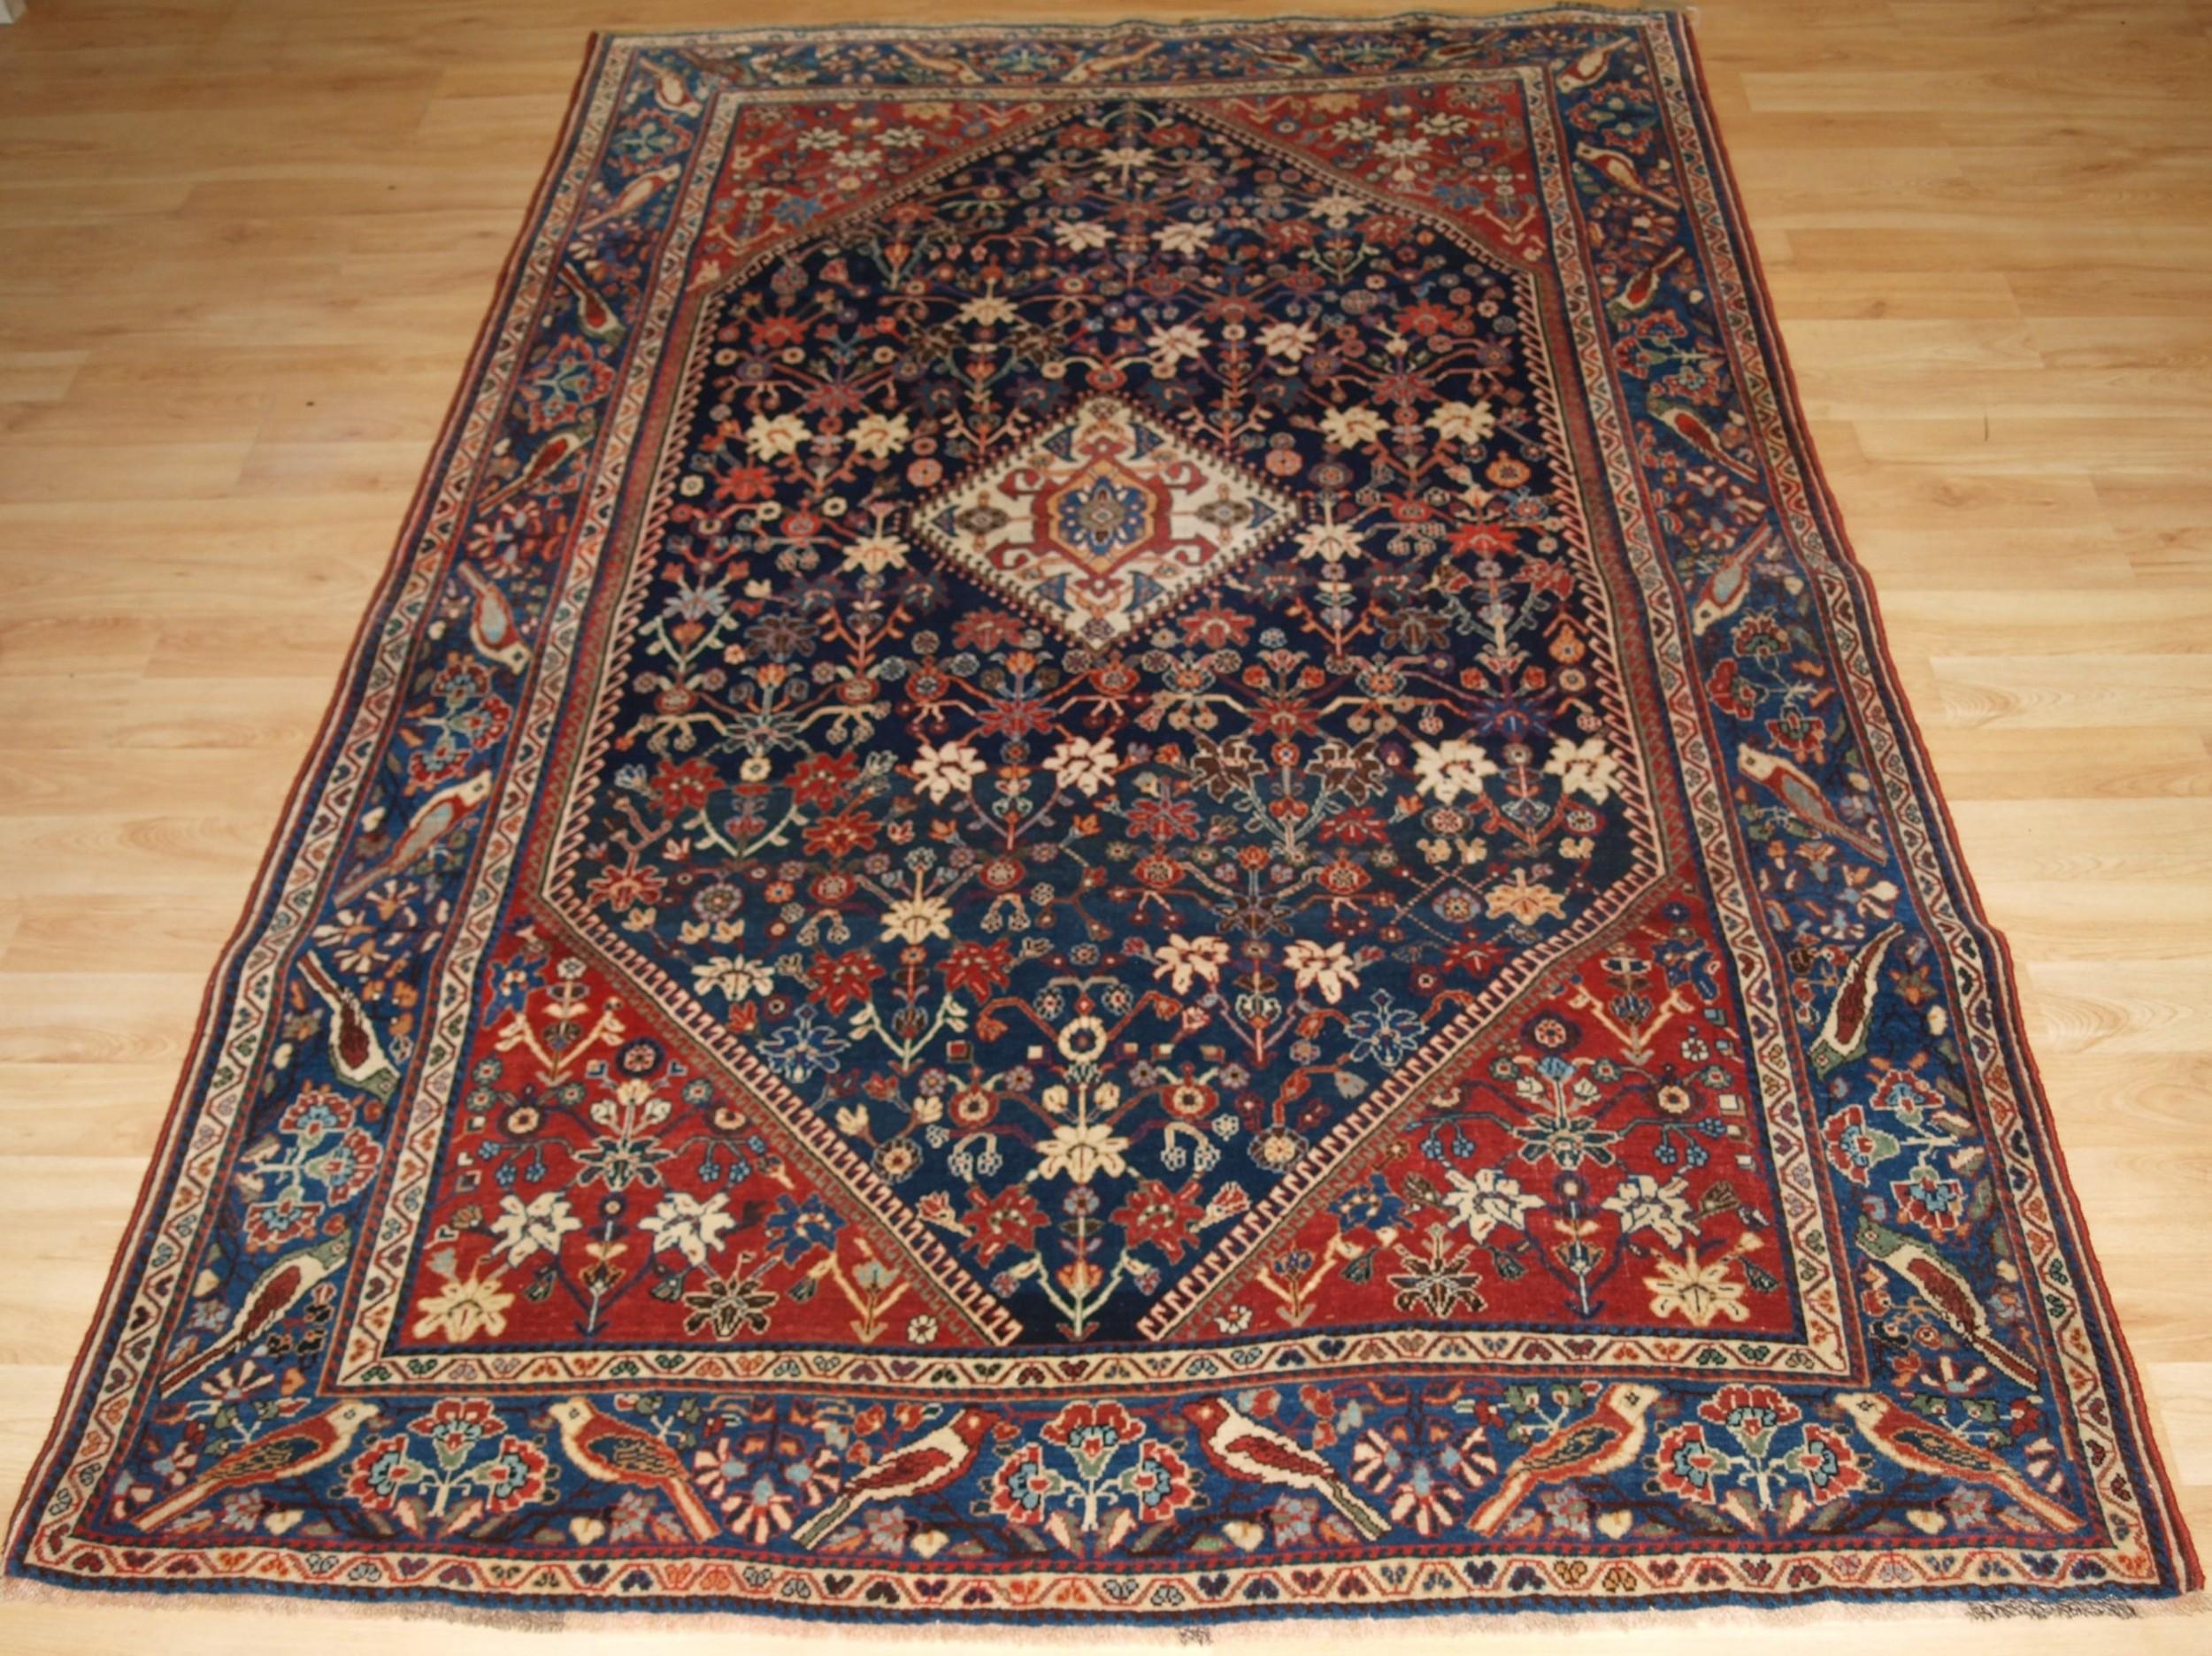 antique qashqai kashkuli rug with bird border circa 1900